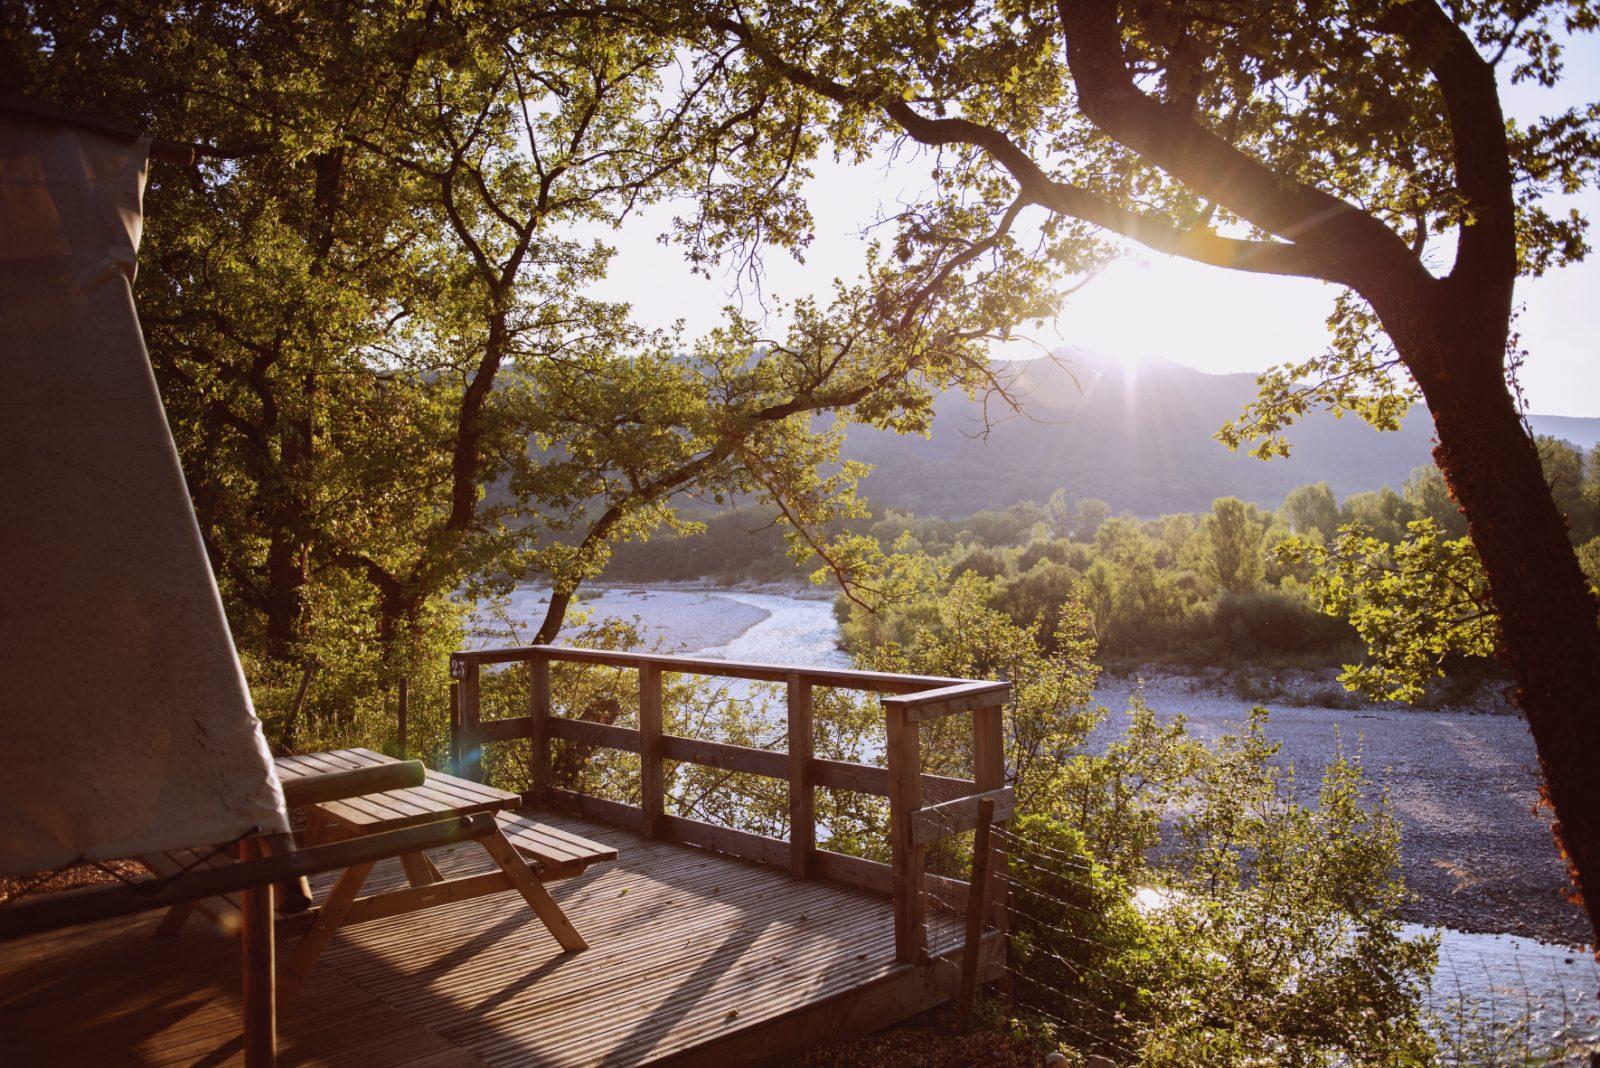 Les Chamberts*camping-Vue de la cabane trappeur sur la rivière drôme